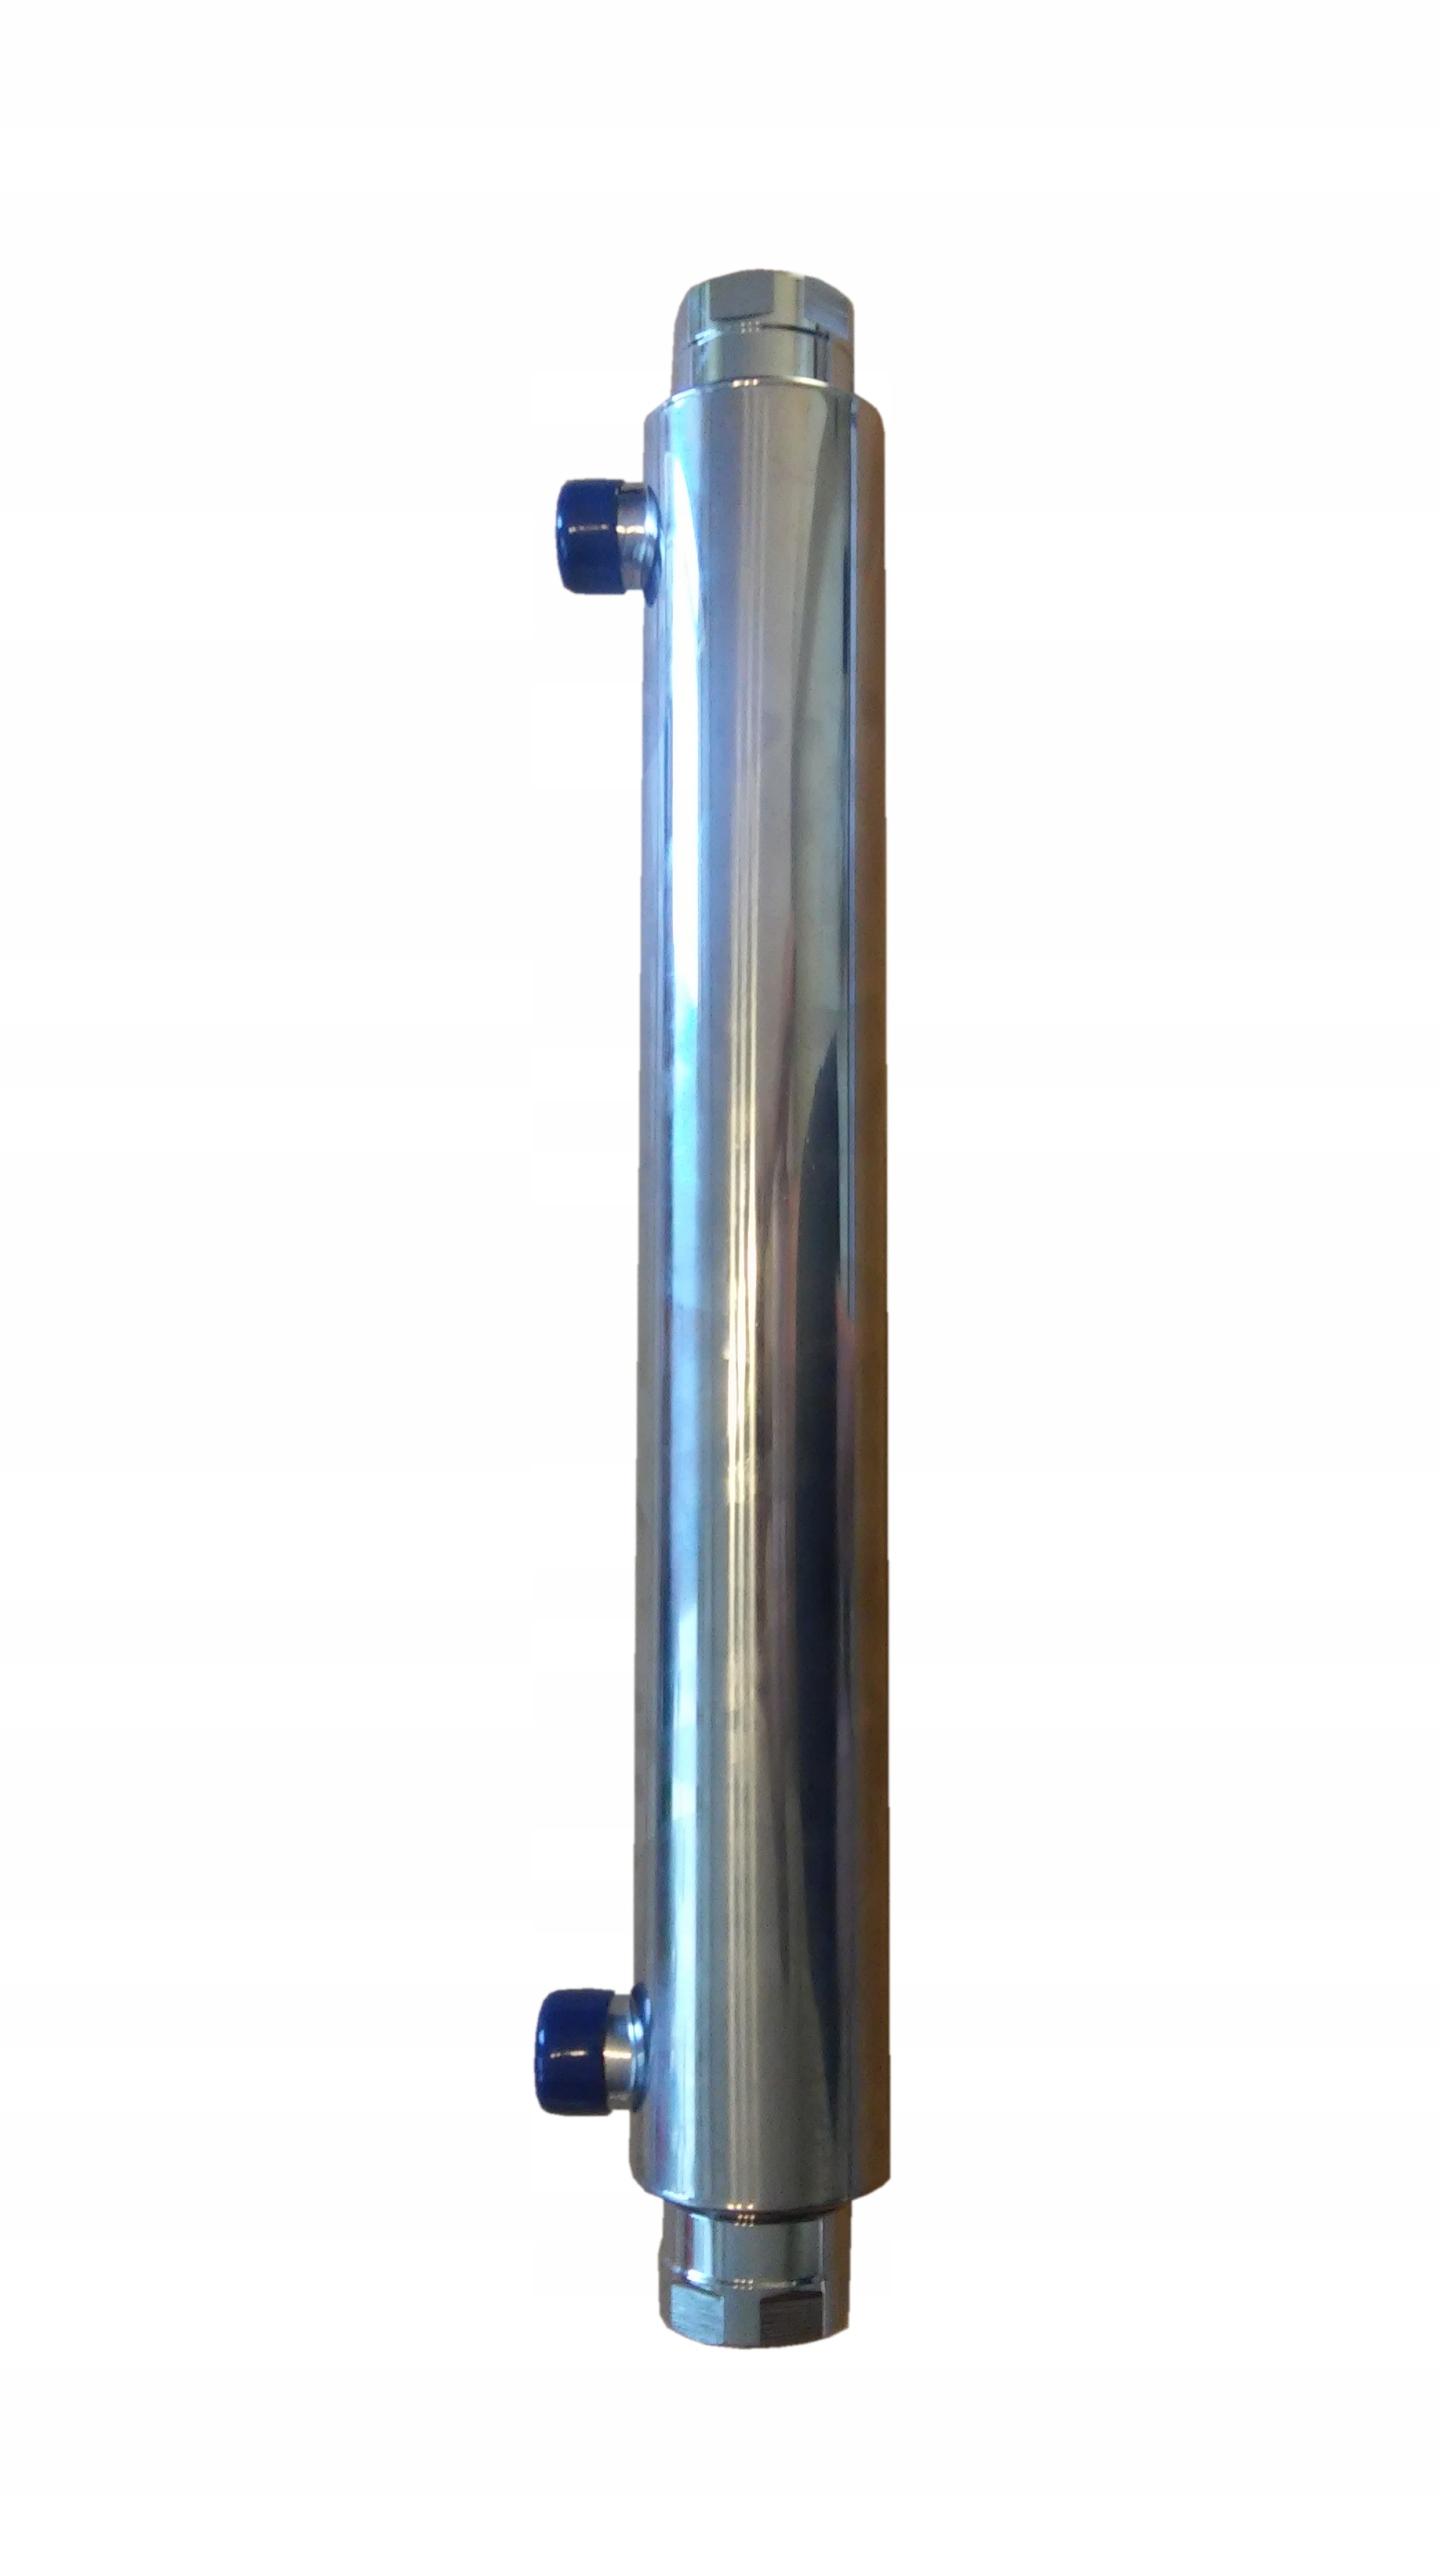 LAMPA BAKTERIOBÓJCZA UV 55W PHILIPS STERYLIZATOR Kod produktu UV-55W Philips